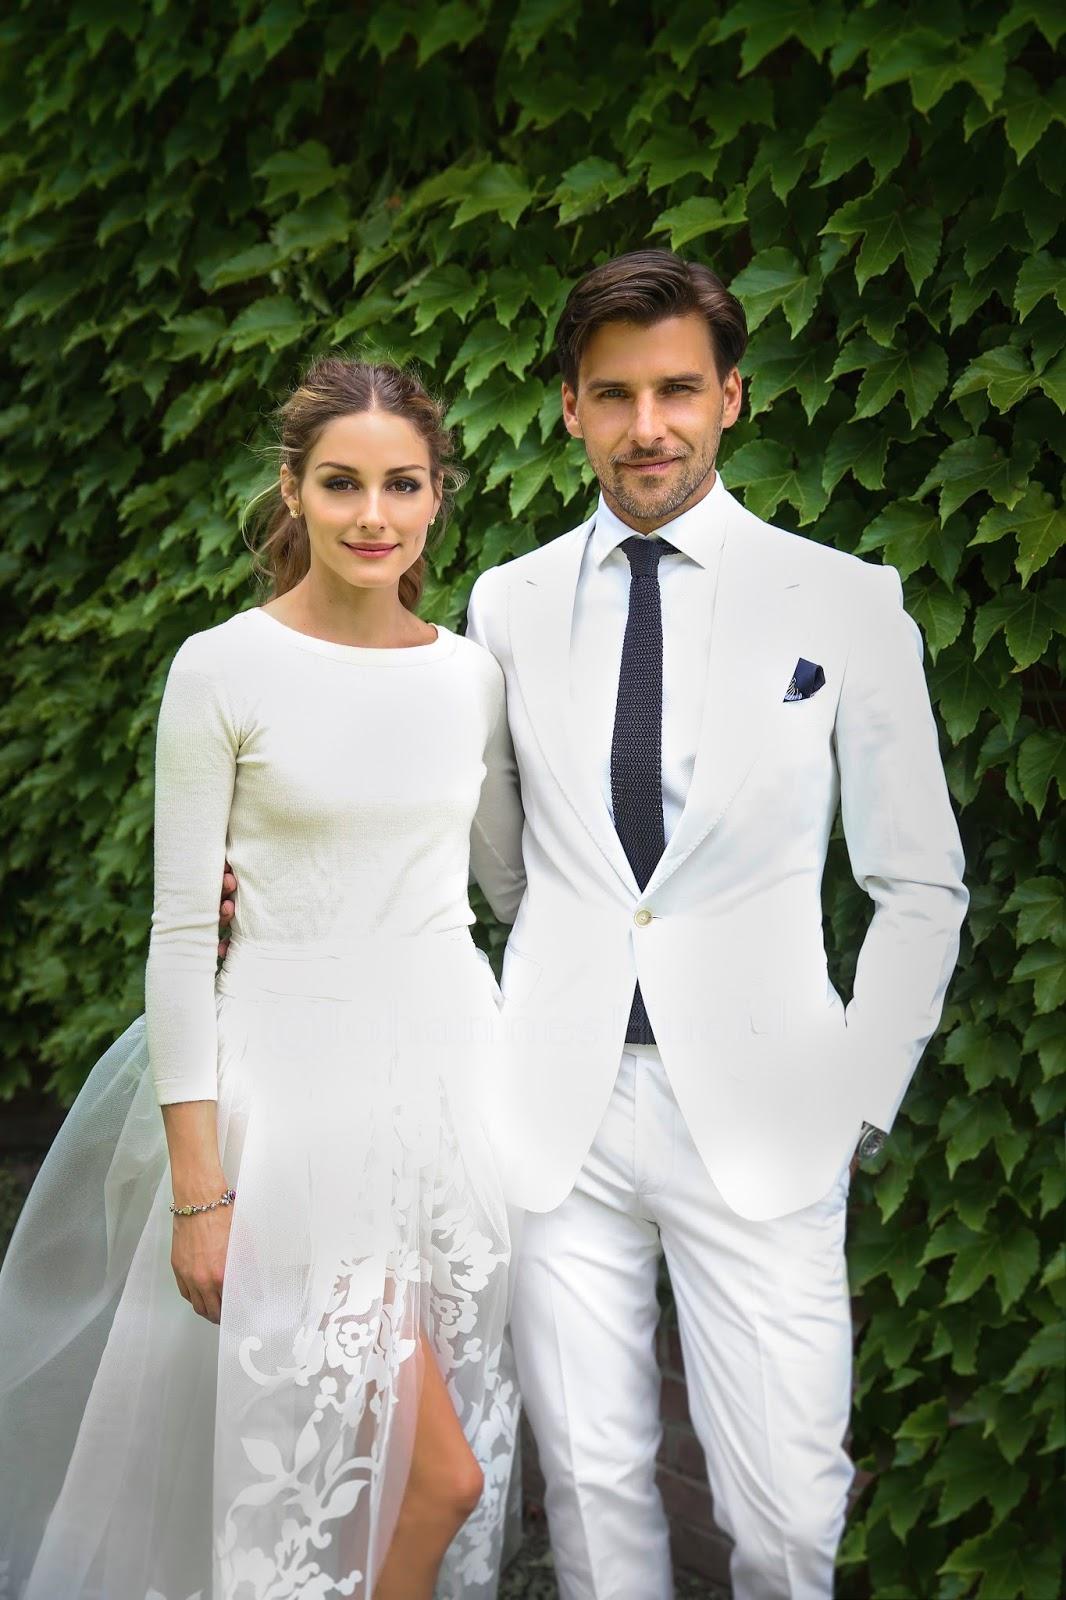 Известные свадьбы 2018 фото